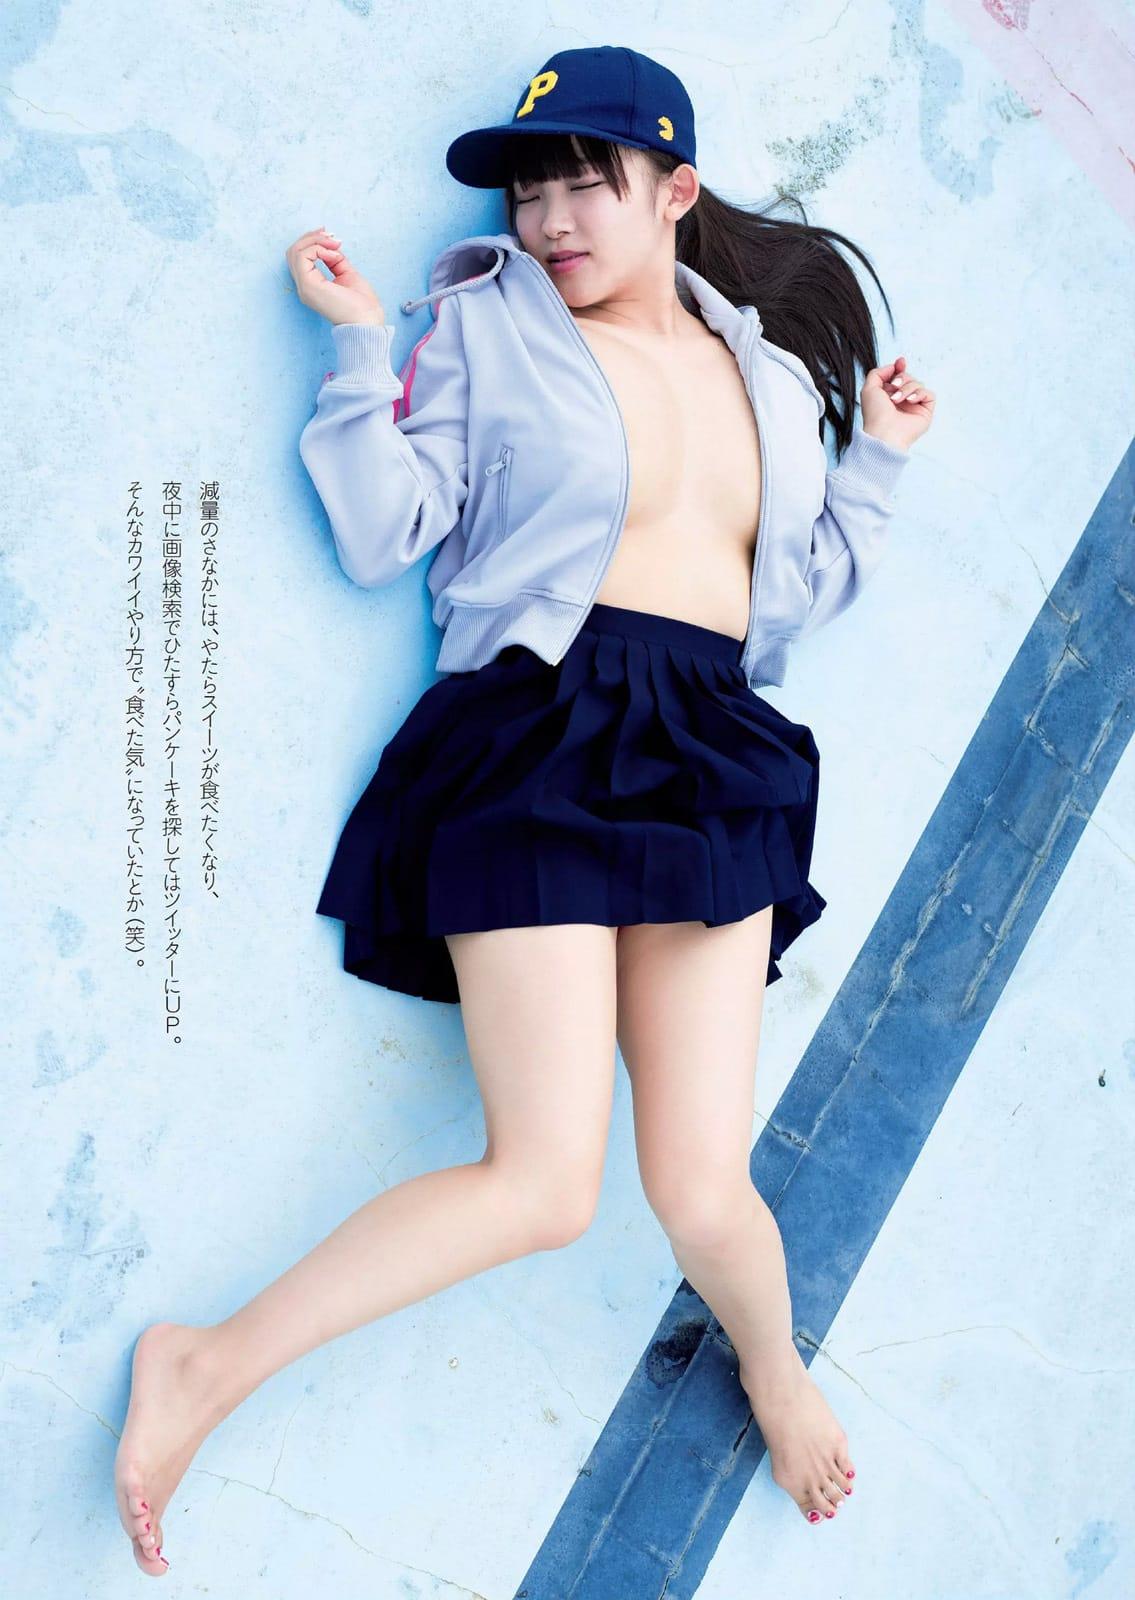 「週刊プレイボーイ 2016 No.24」天木じゅんのノーブラおっぱいグラビア